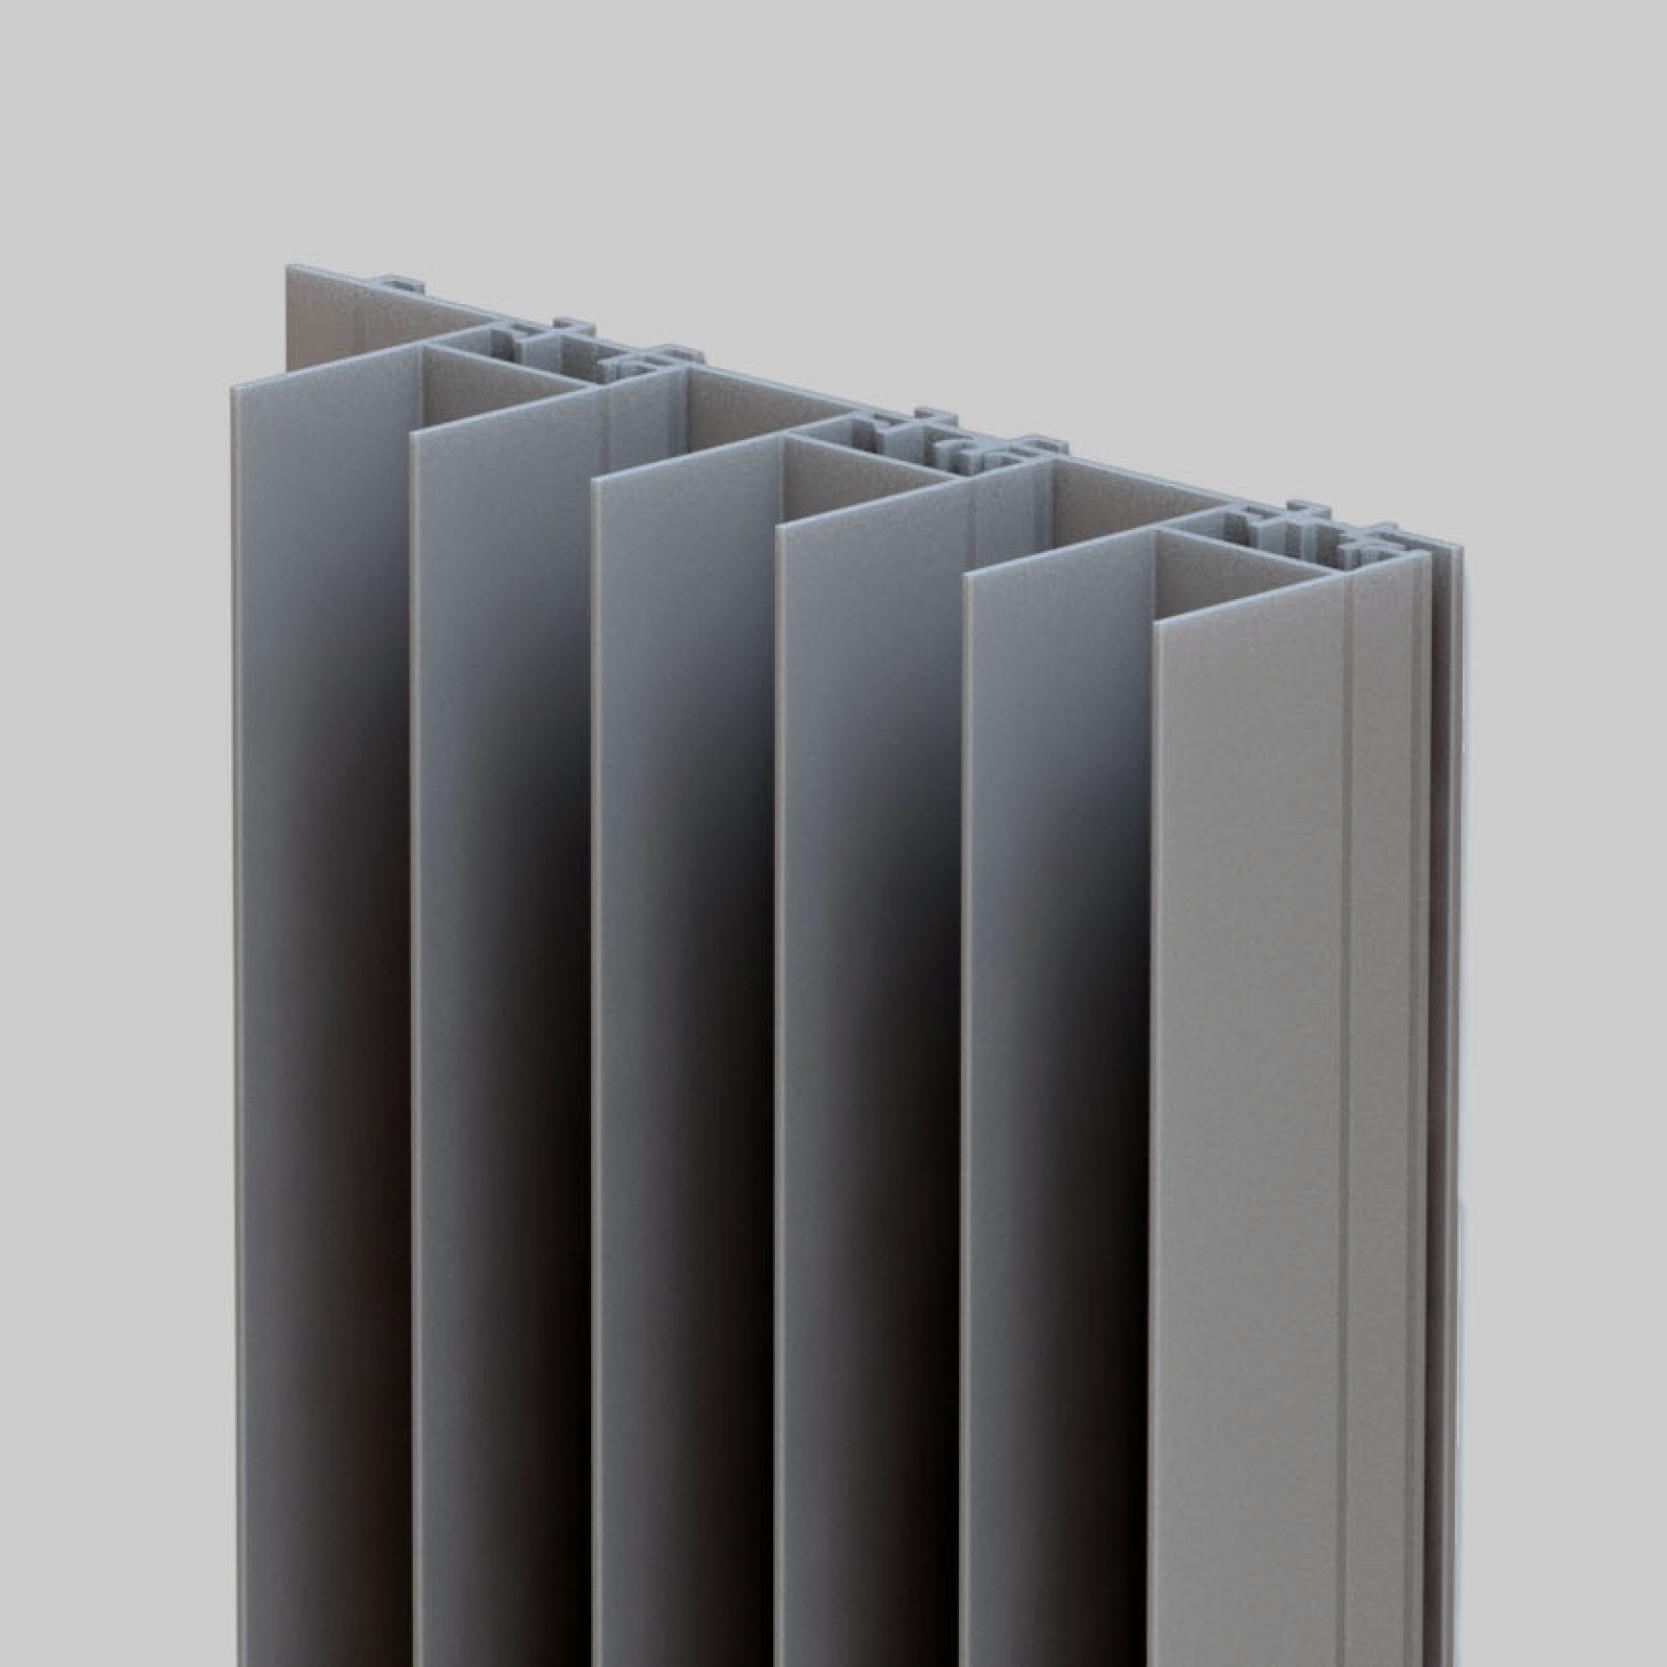 Met een diepte van 45 mm is mato 4 het meest uitgesproken profiel. De diepte van de doorlopende ribben, zorgen voor een krachtige belijning.Een contrast tussen licht en schaduw.